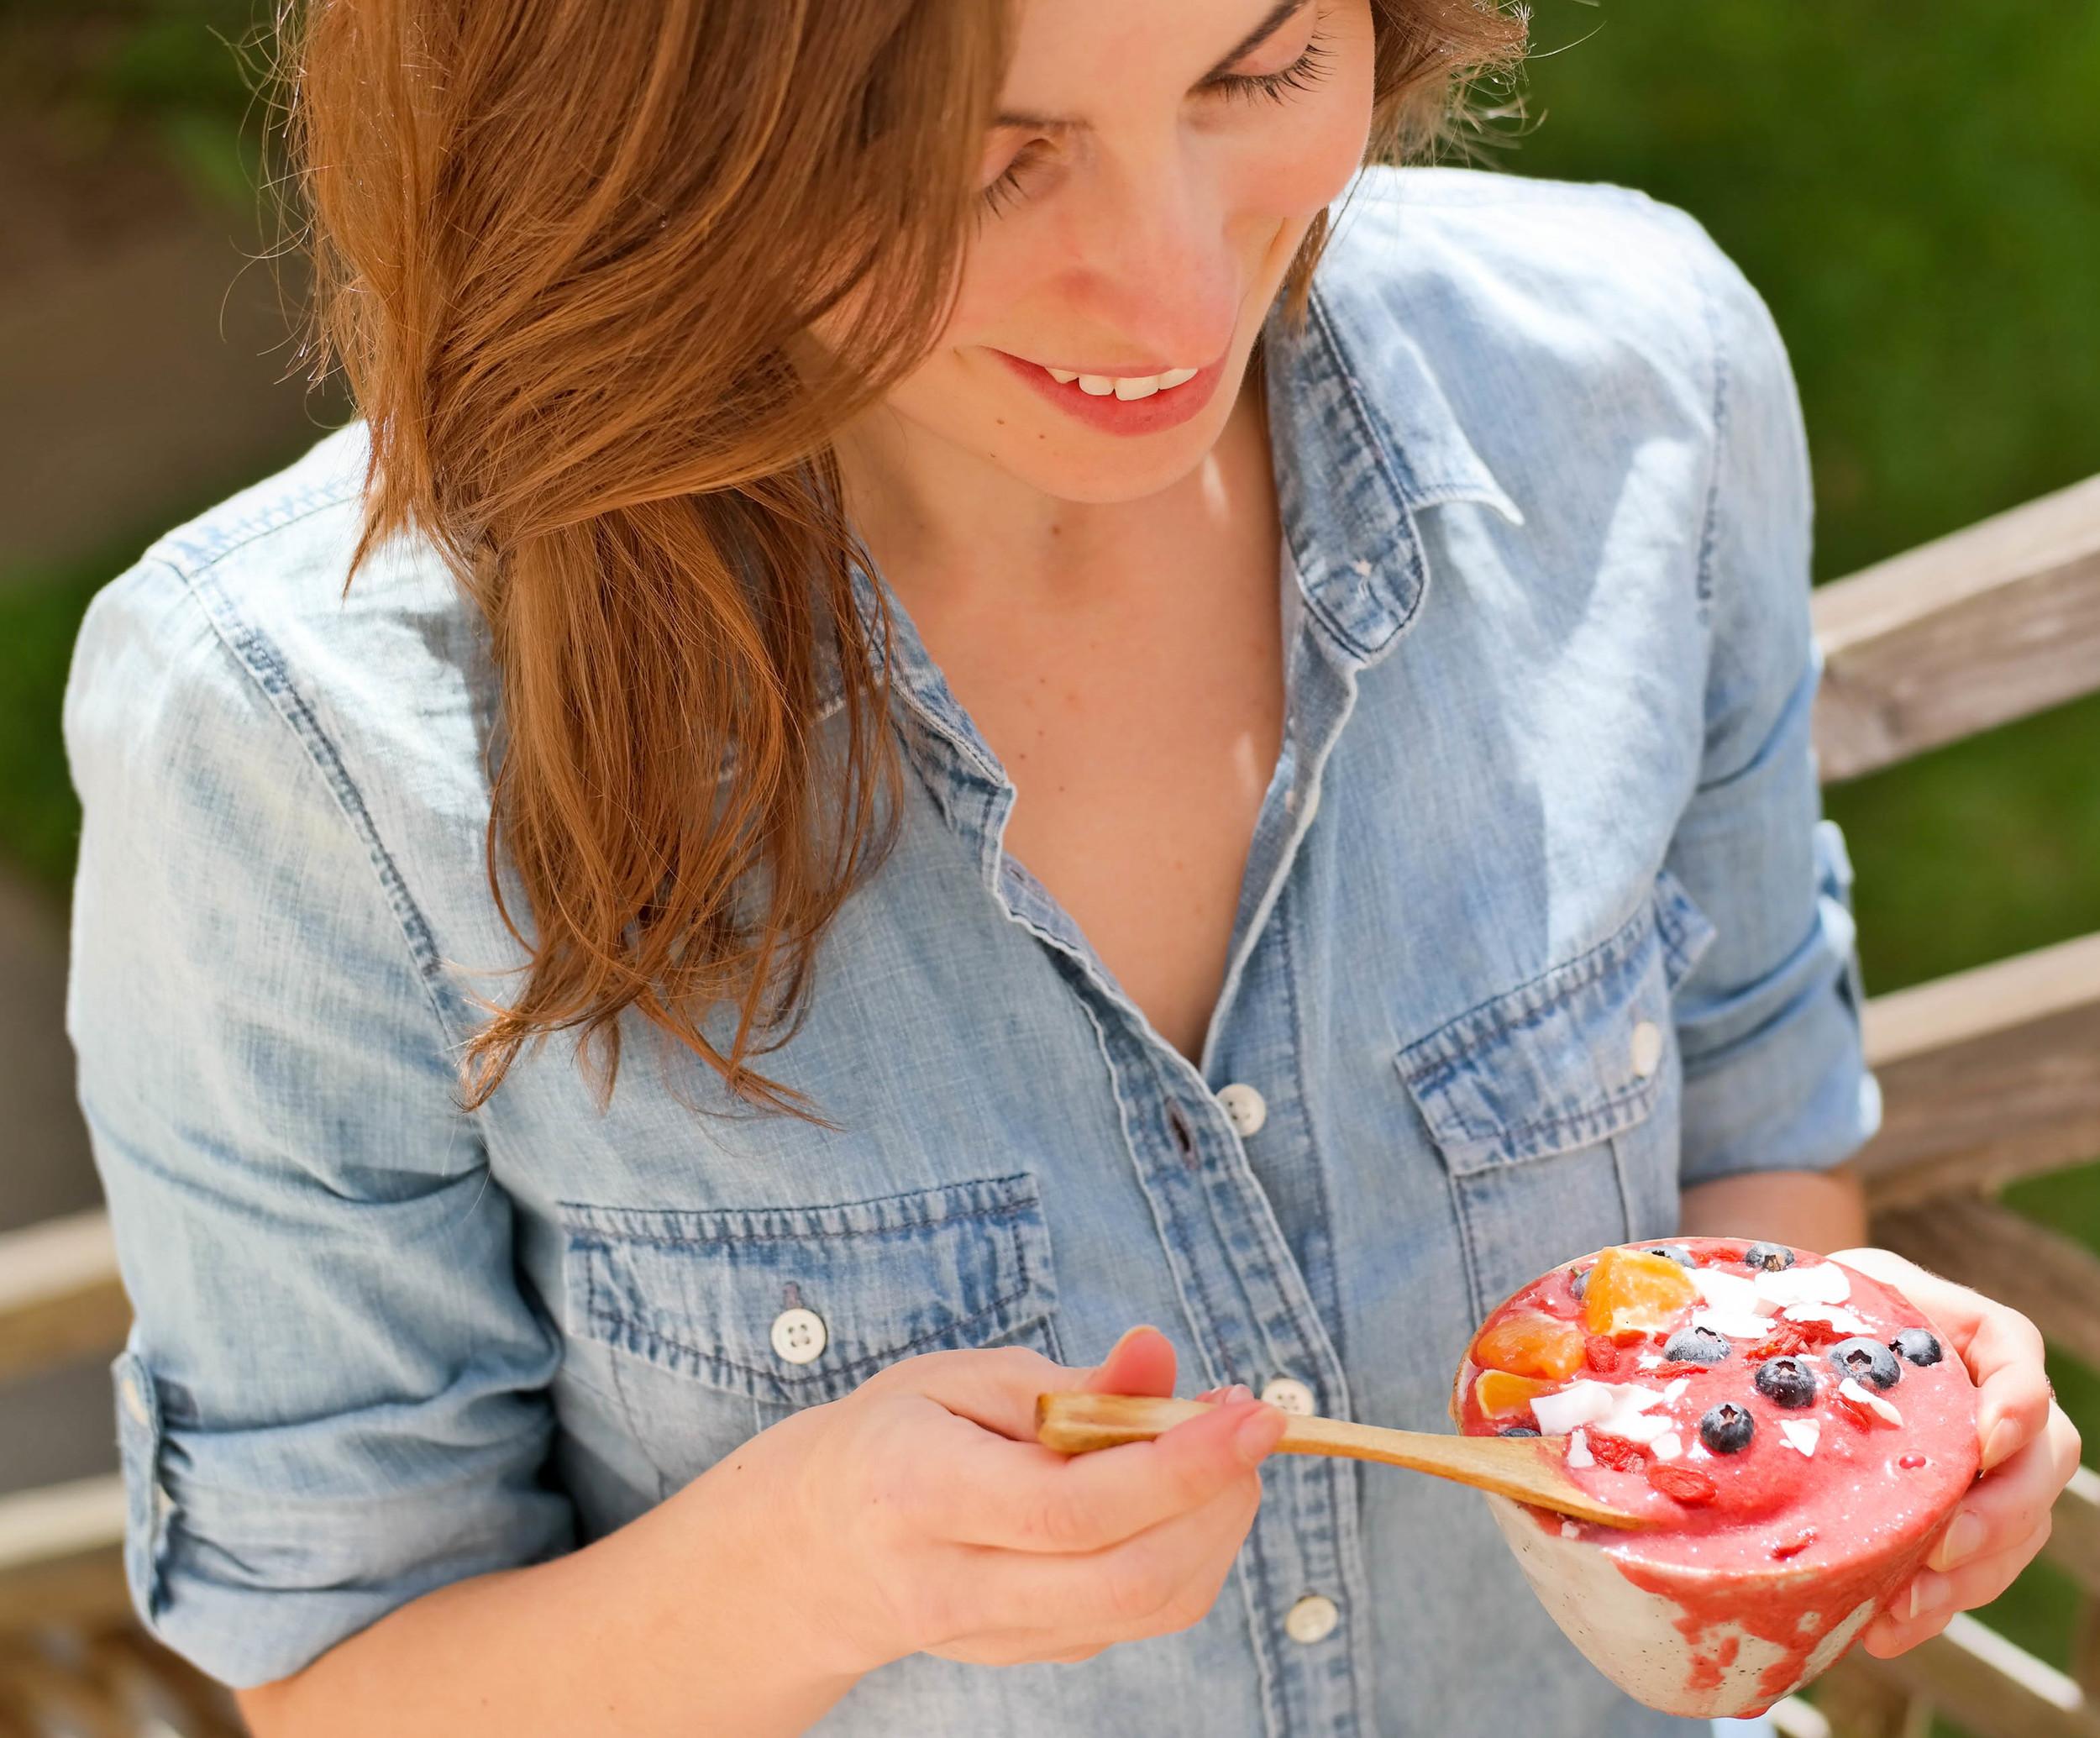 4-A-Cherry-Strawberry-Smoothie-Bowl   www.8thandlake.com